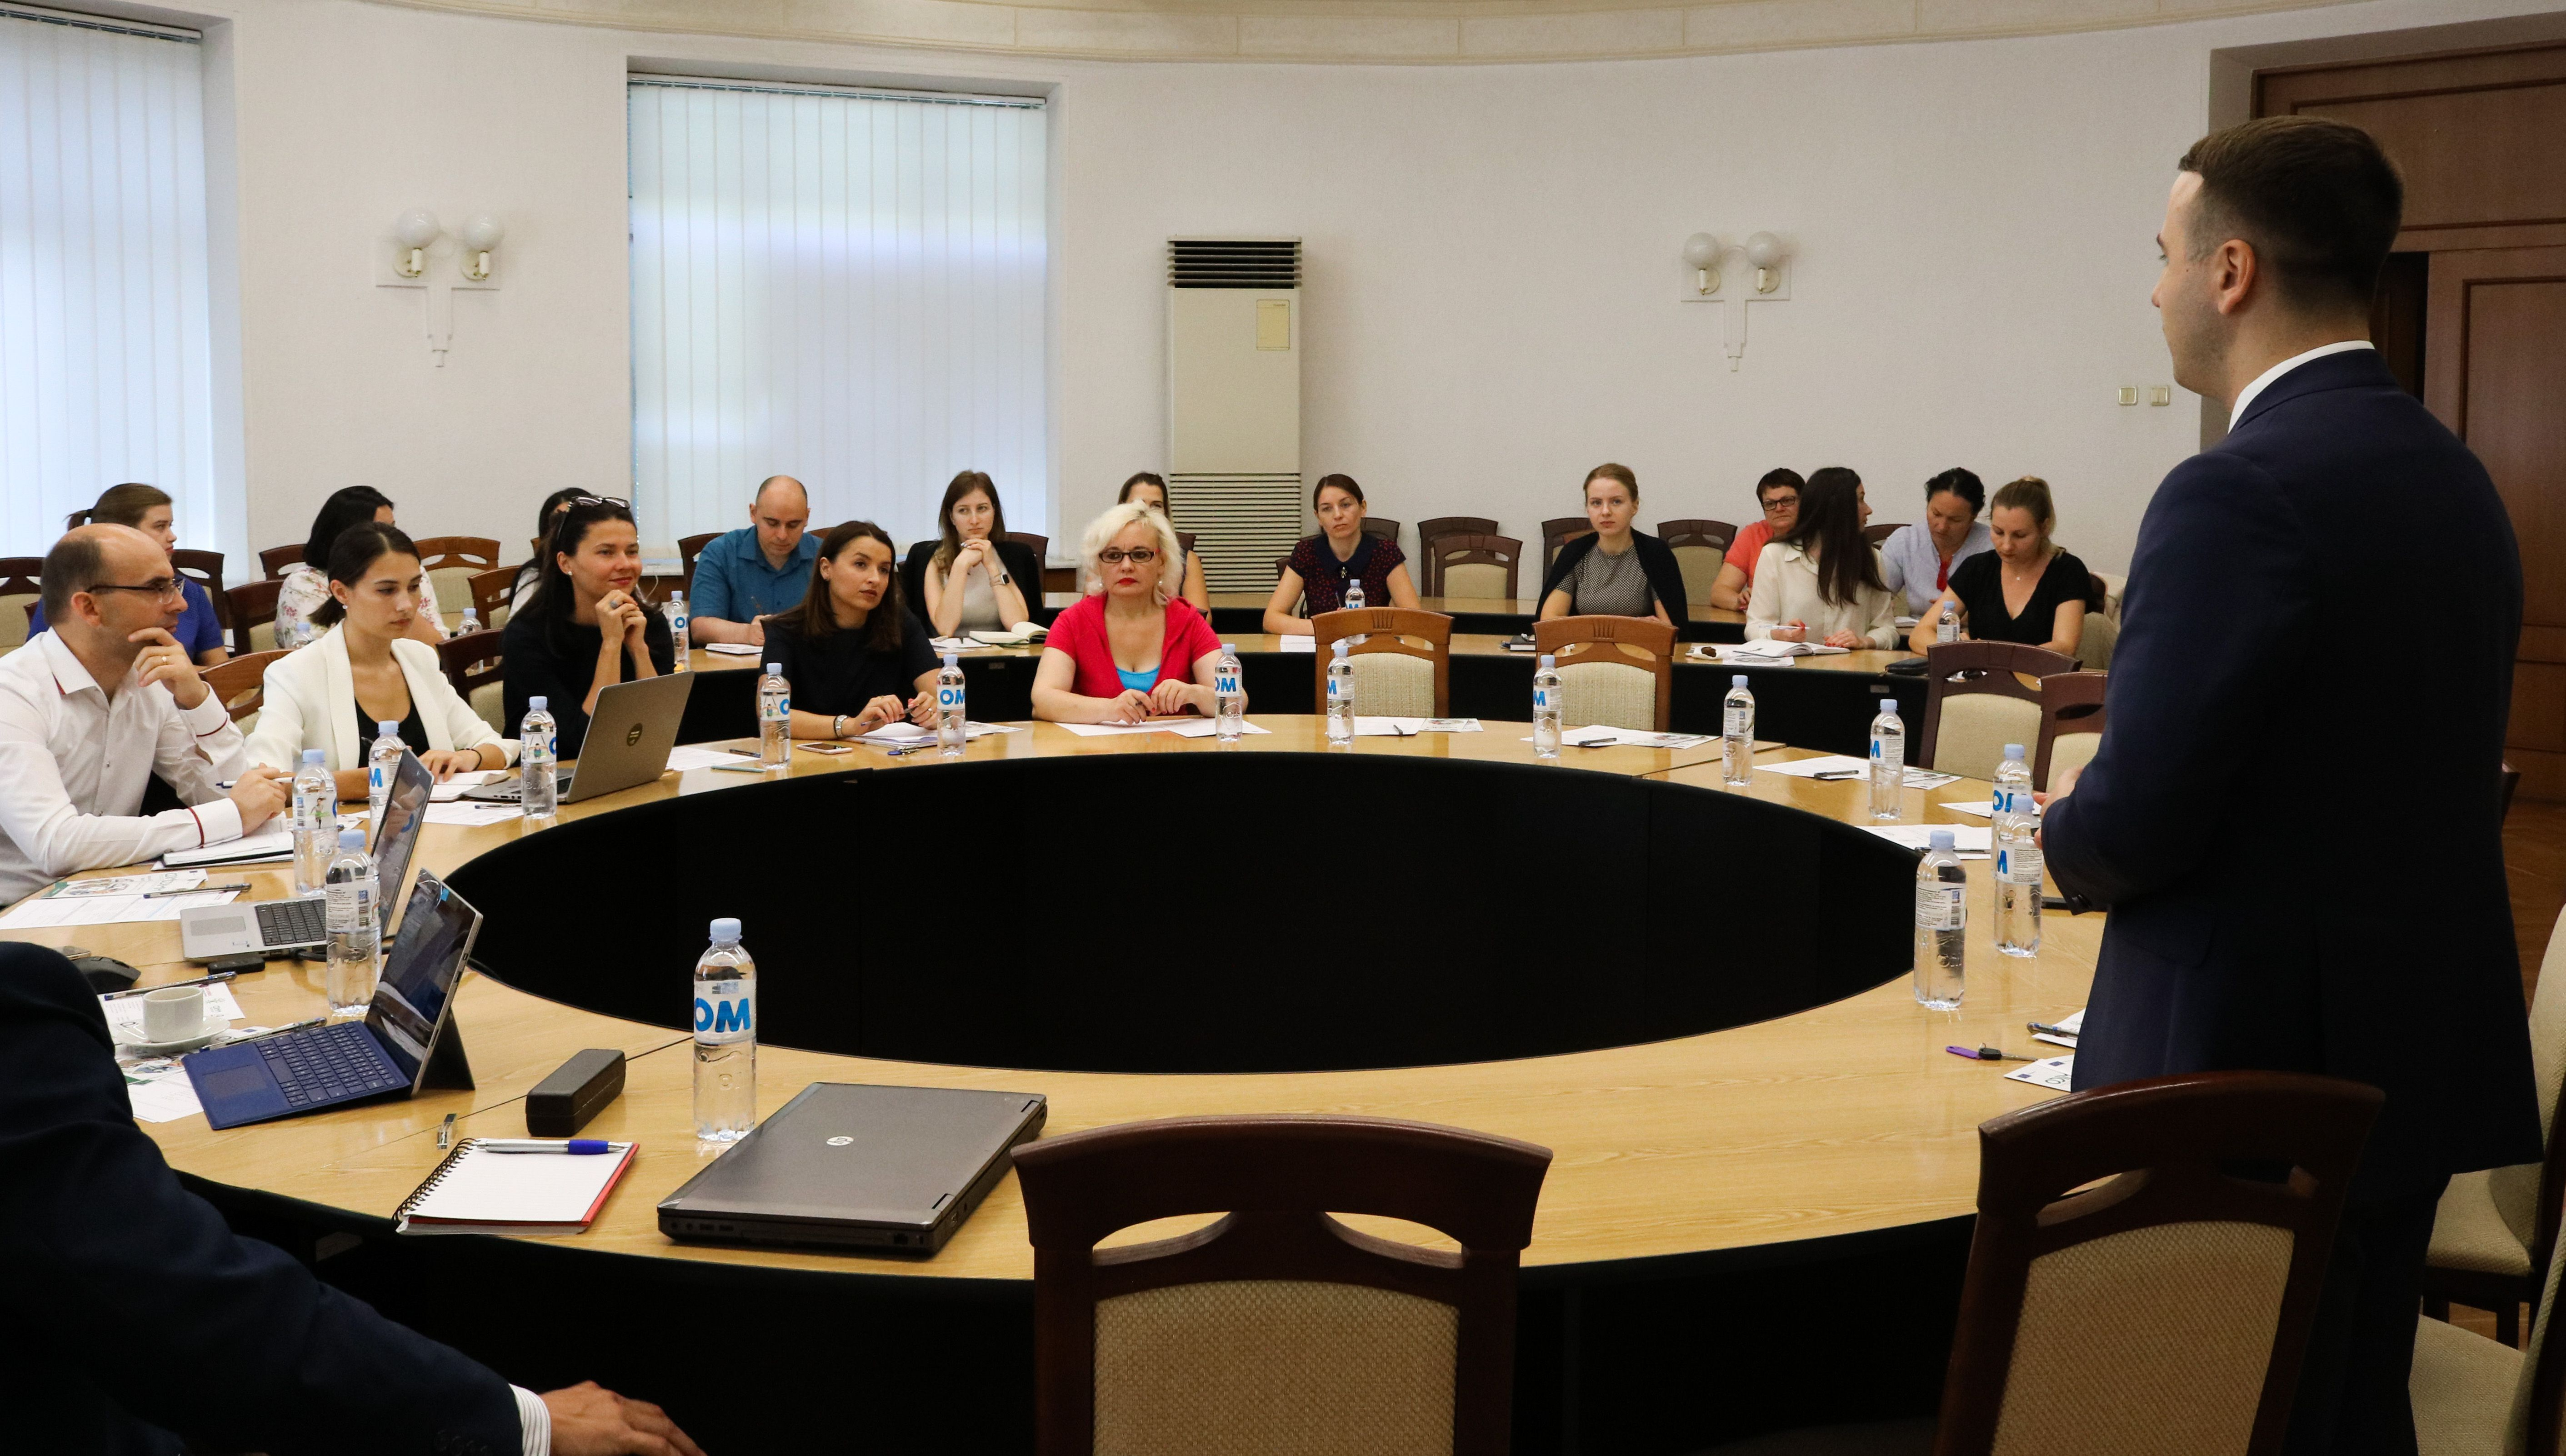 Dezvoltarea IMM-urilor prin digitalizare